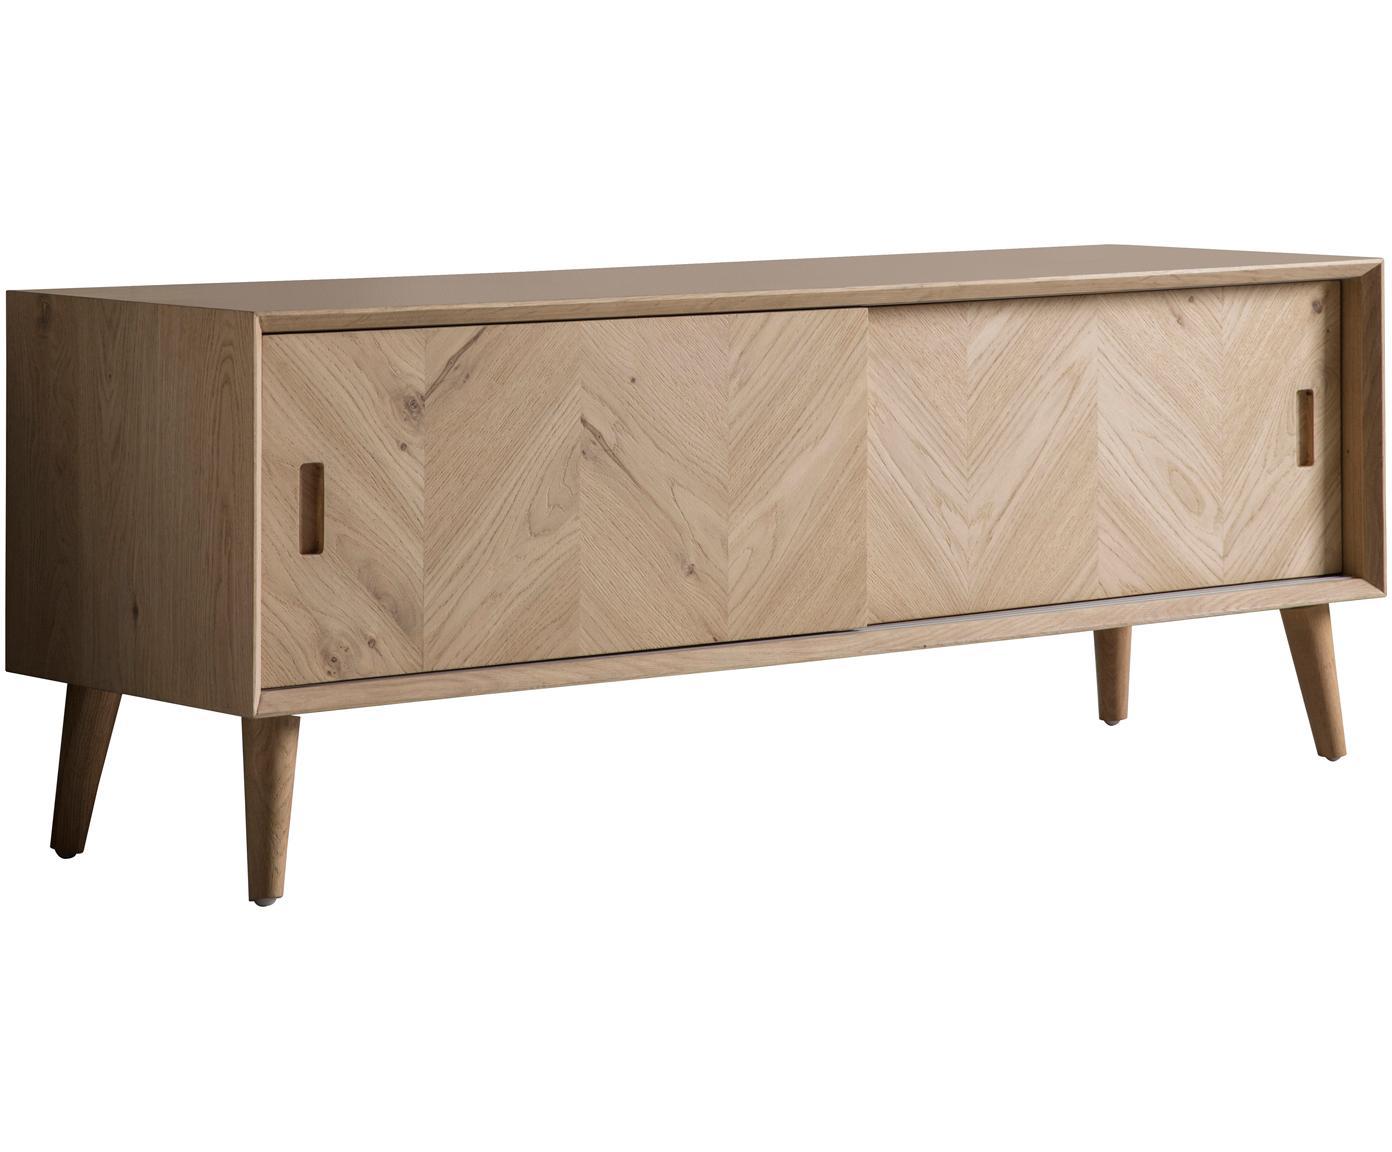 Tv-meubel Milano met visgraatpatroon, Natuurlijk eikenhout, Eikenhoutkleurig, 140 x 50 cm